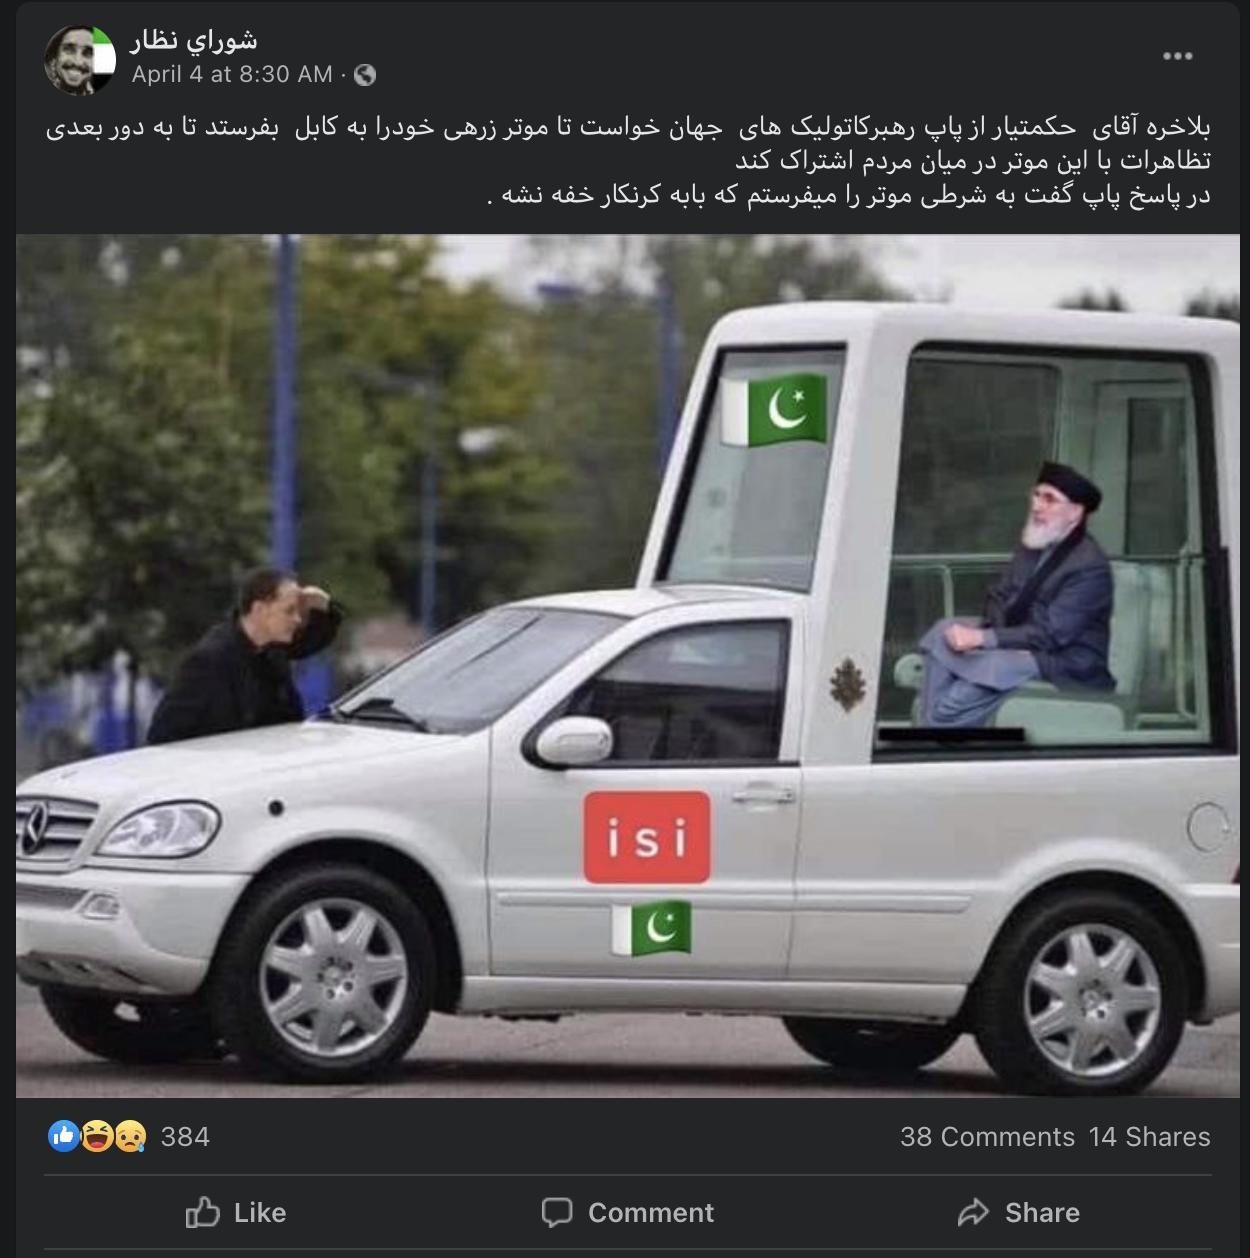 Dans cette publication sur Facebook, un utilisateur se moque du leader islamiste en disant qu'il a demandé au pape de lui prêter sa voiture blindée pour la prochaine manifestation, et qu'il est soutenu par les services secrets pakistanais (ISI)